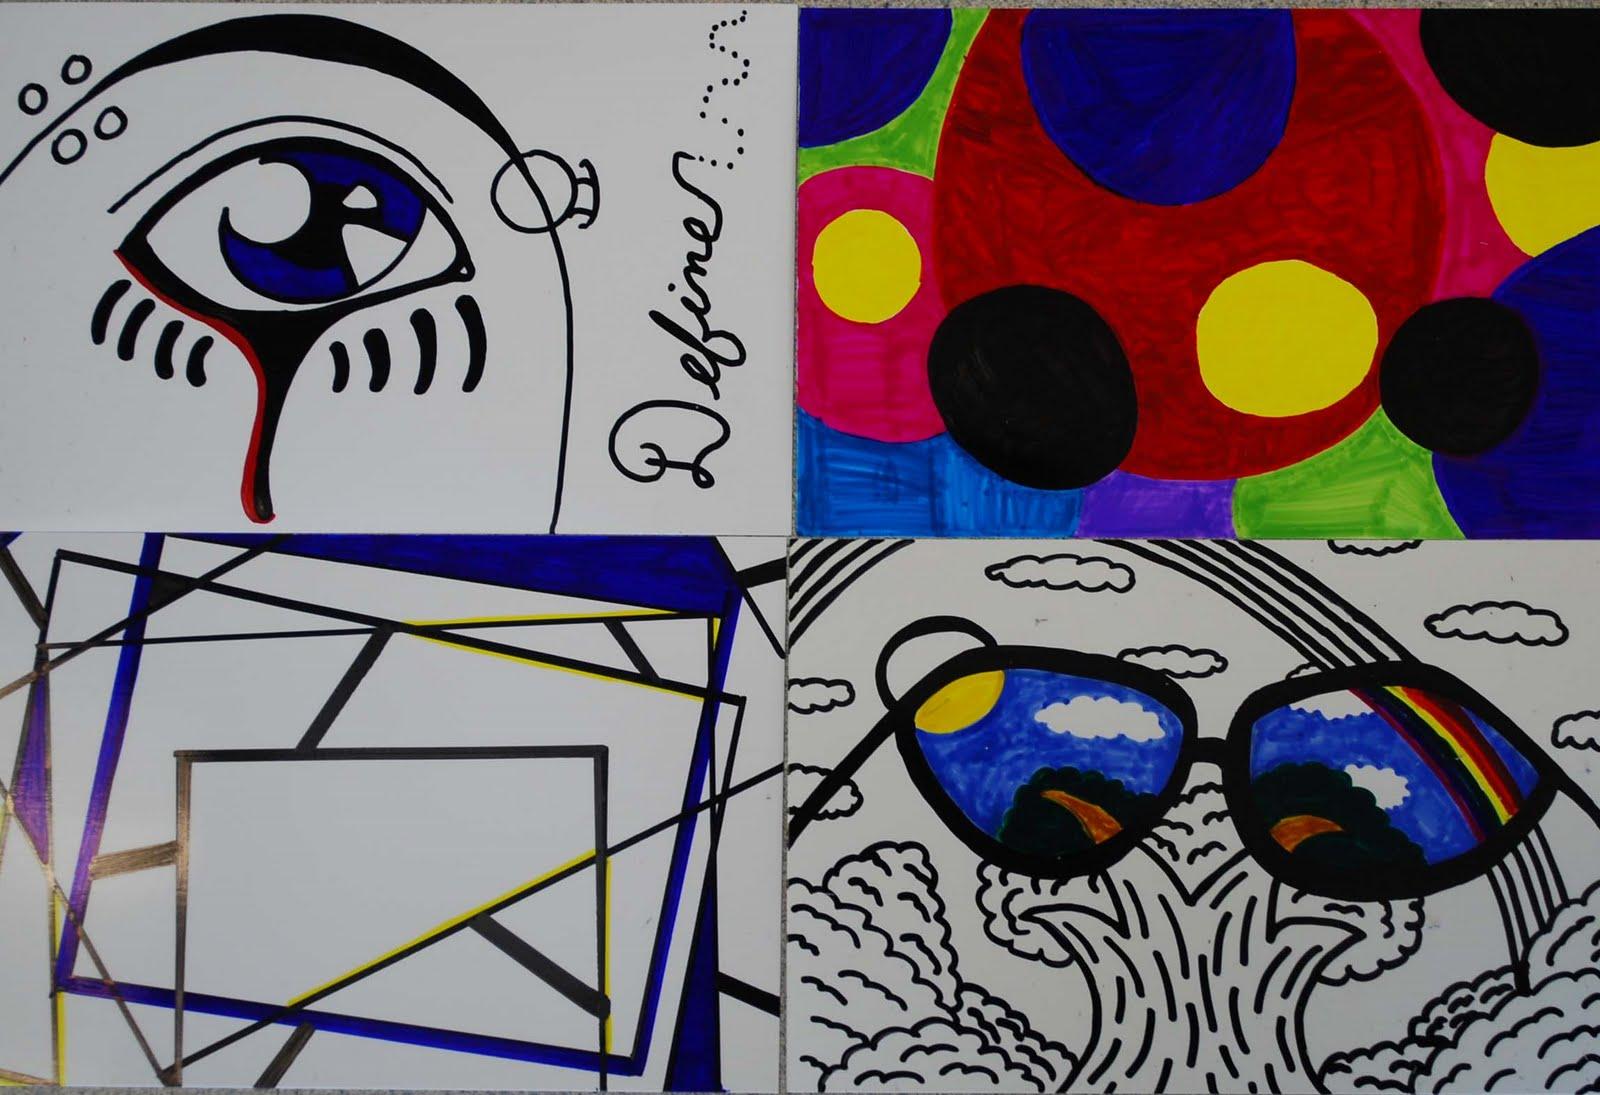 isfeld creative arts 2010 labels assignments